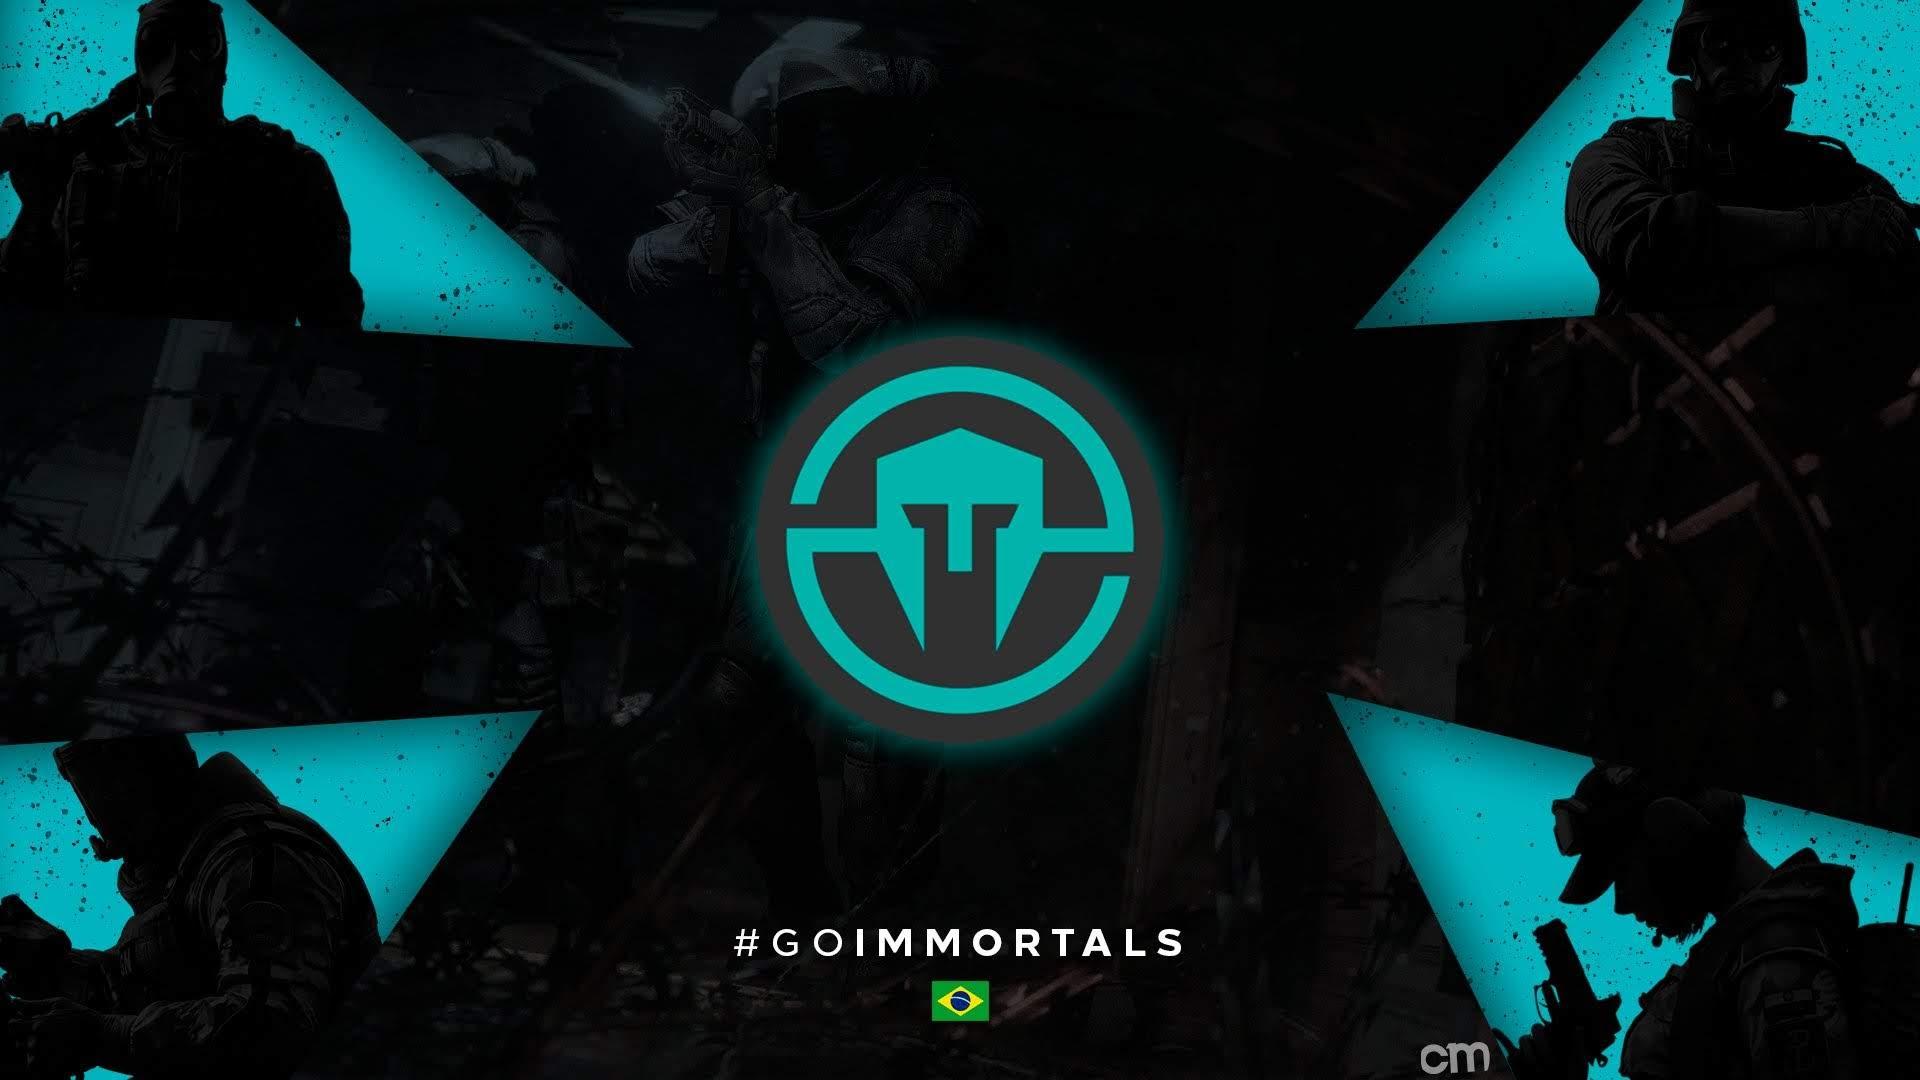 Immortals_gg